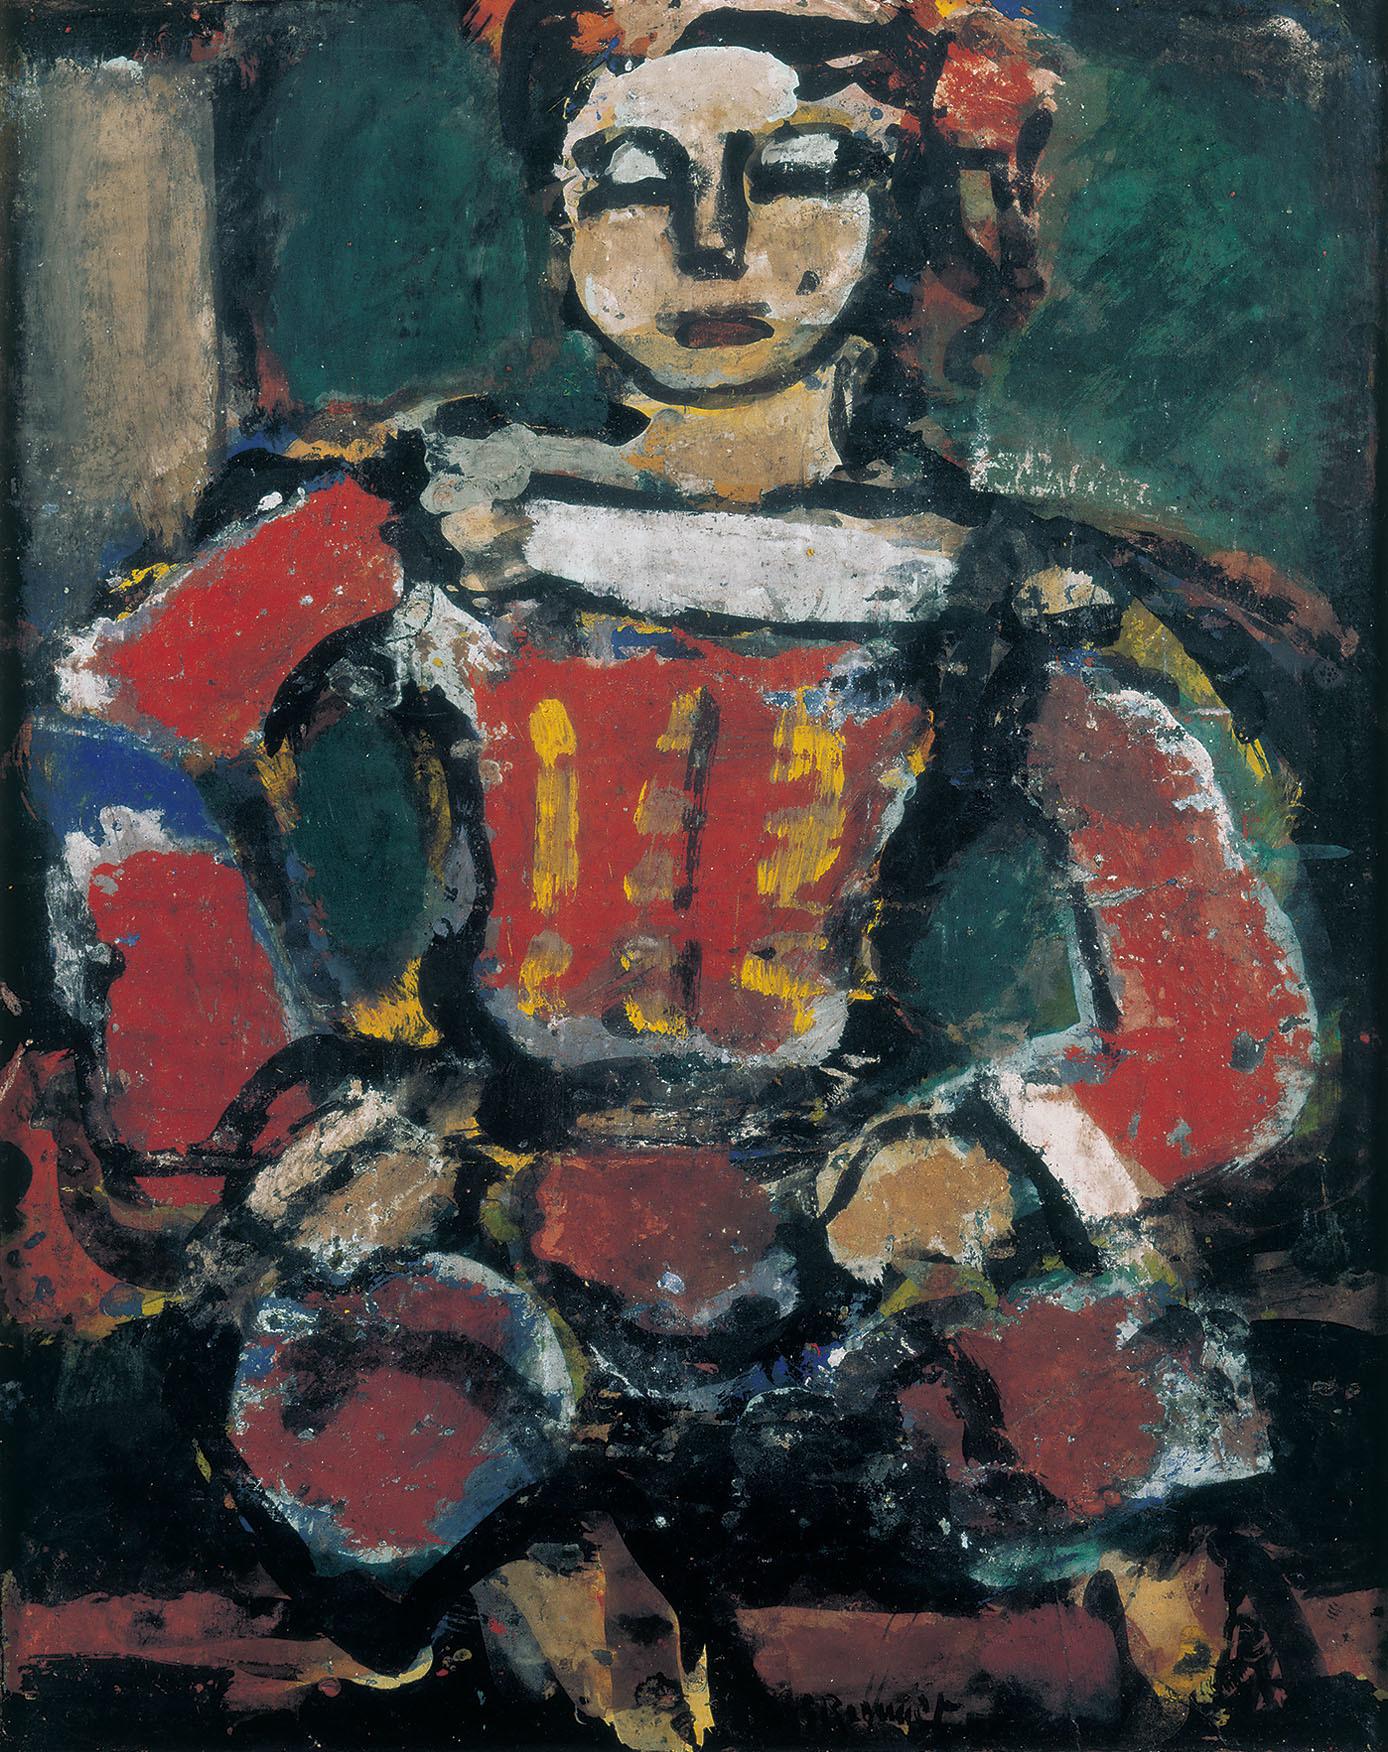 アンリ・マティス《ラ・フランス》1939年 公益財団法人ひろしま美術館